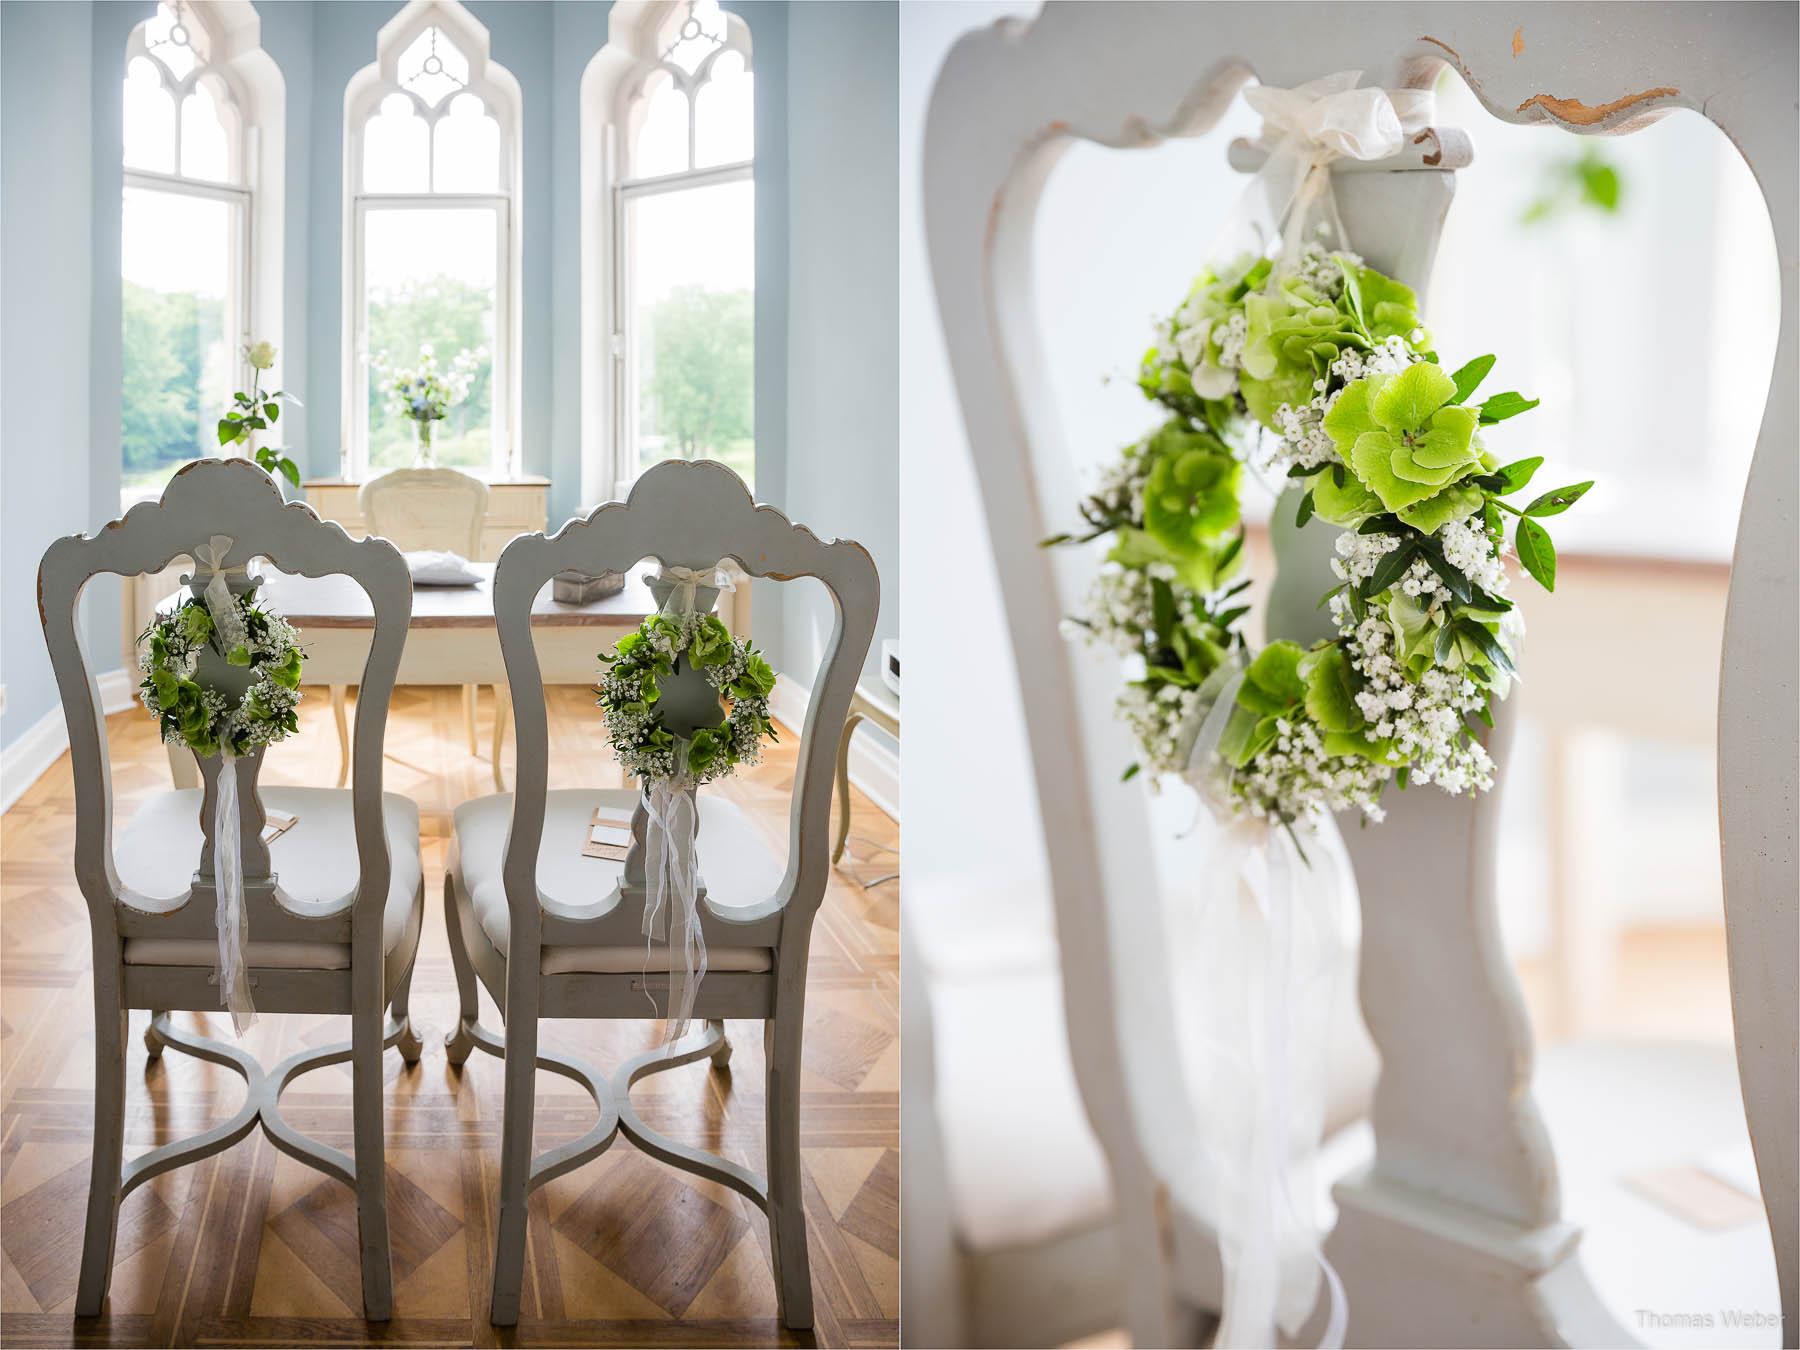 Hochzeitsfotograf bei einer Hochzeit auf Schloss Gamehl an der Ostsee: Der Morgen vor der Hochzeit